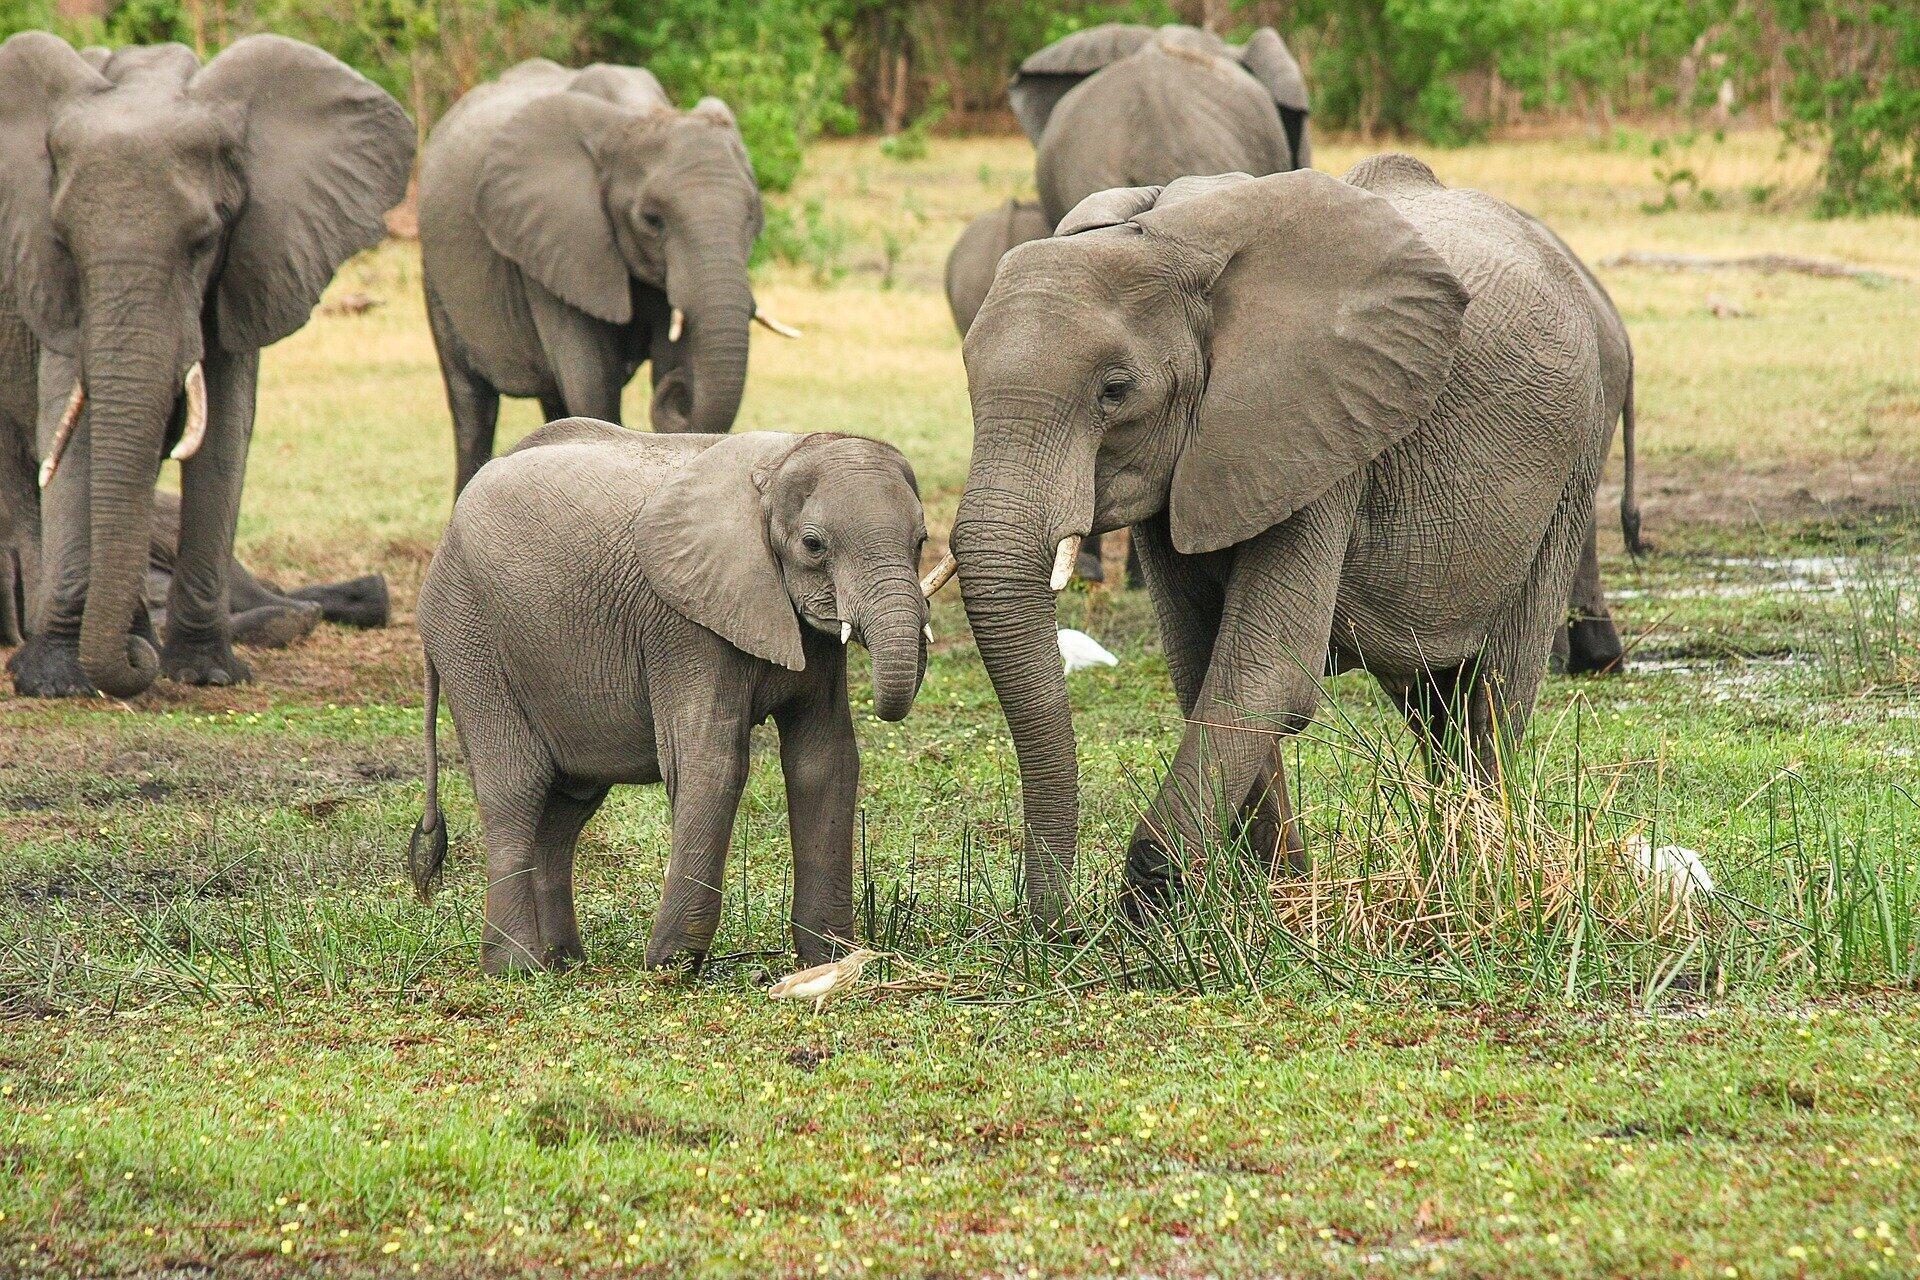 elephants-2923917_1920